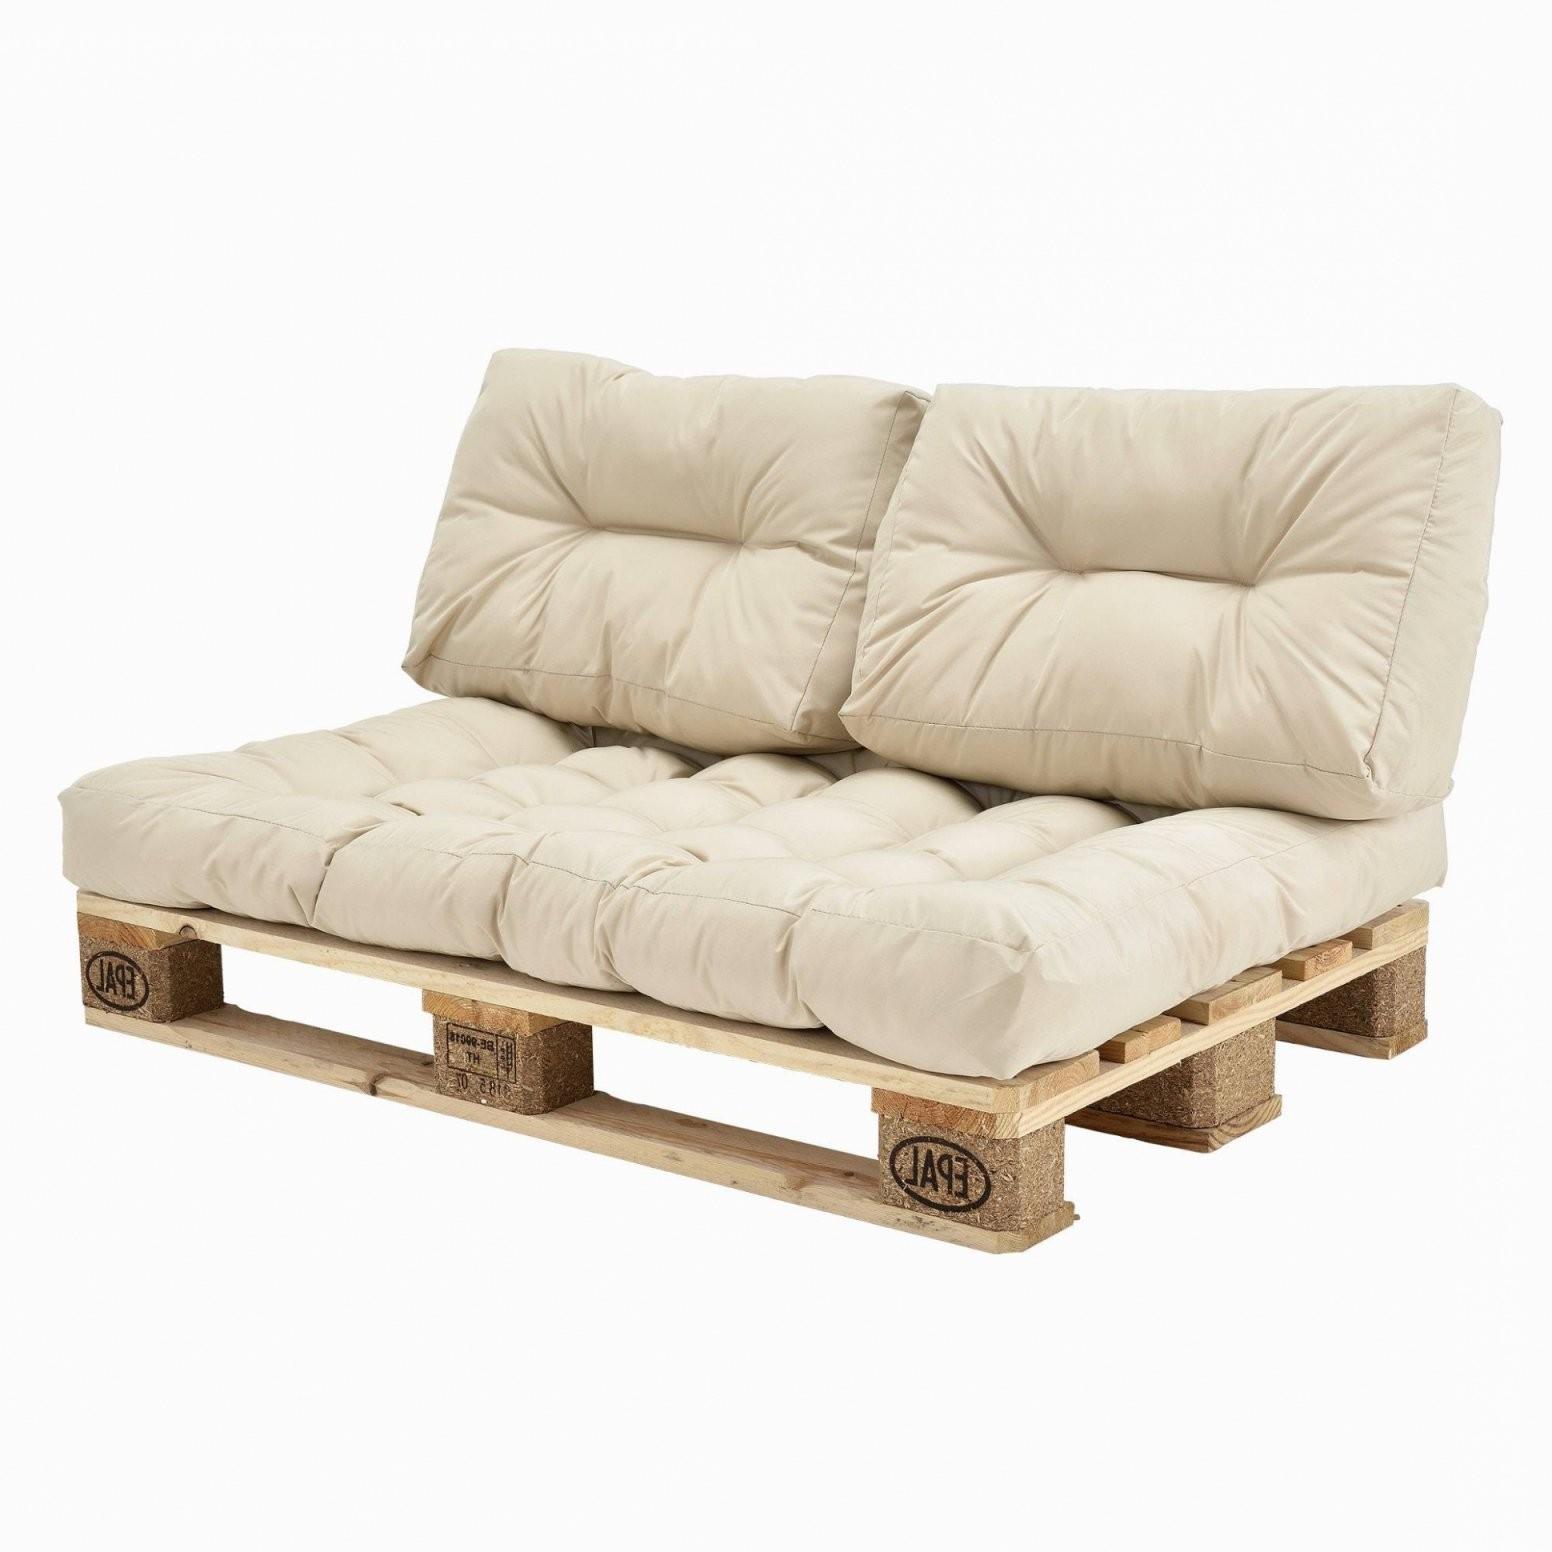 Kleine Sofas Für Jugendzimmer Ftd8 Schlafsofa Fã R Jugendzimmer von Kleine Couch Für Jugendzimmer Photo